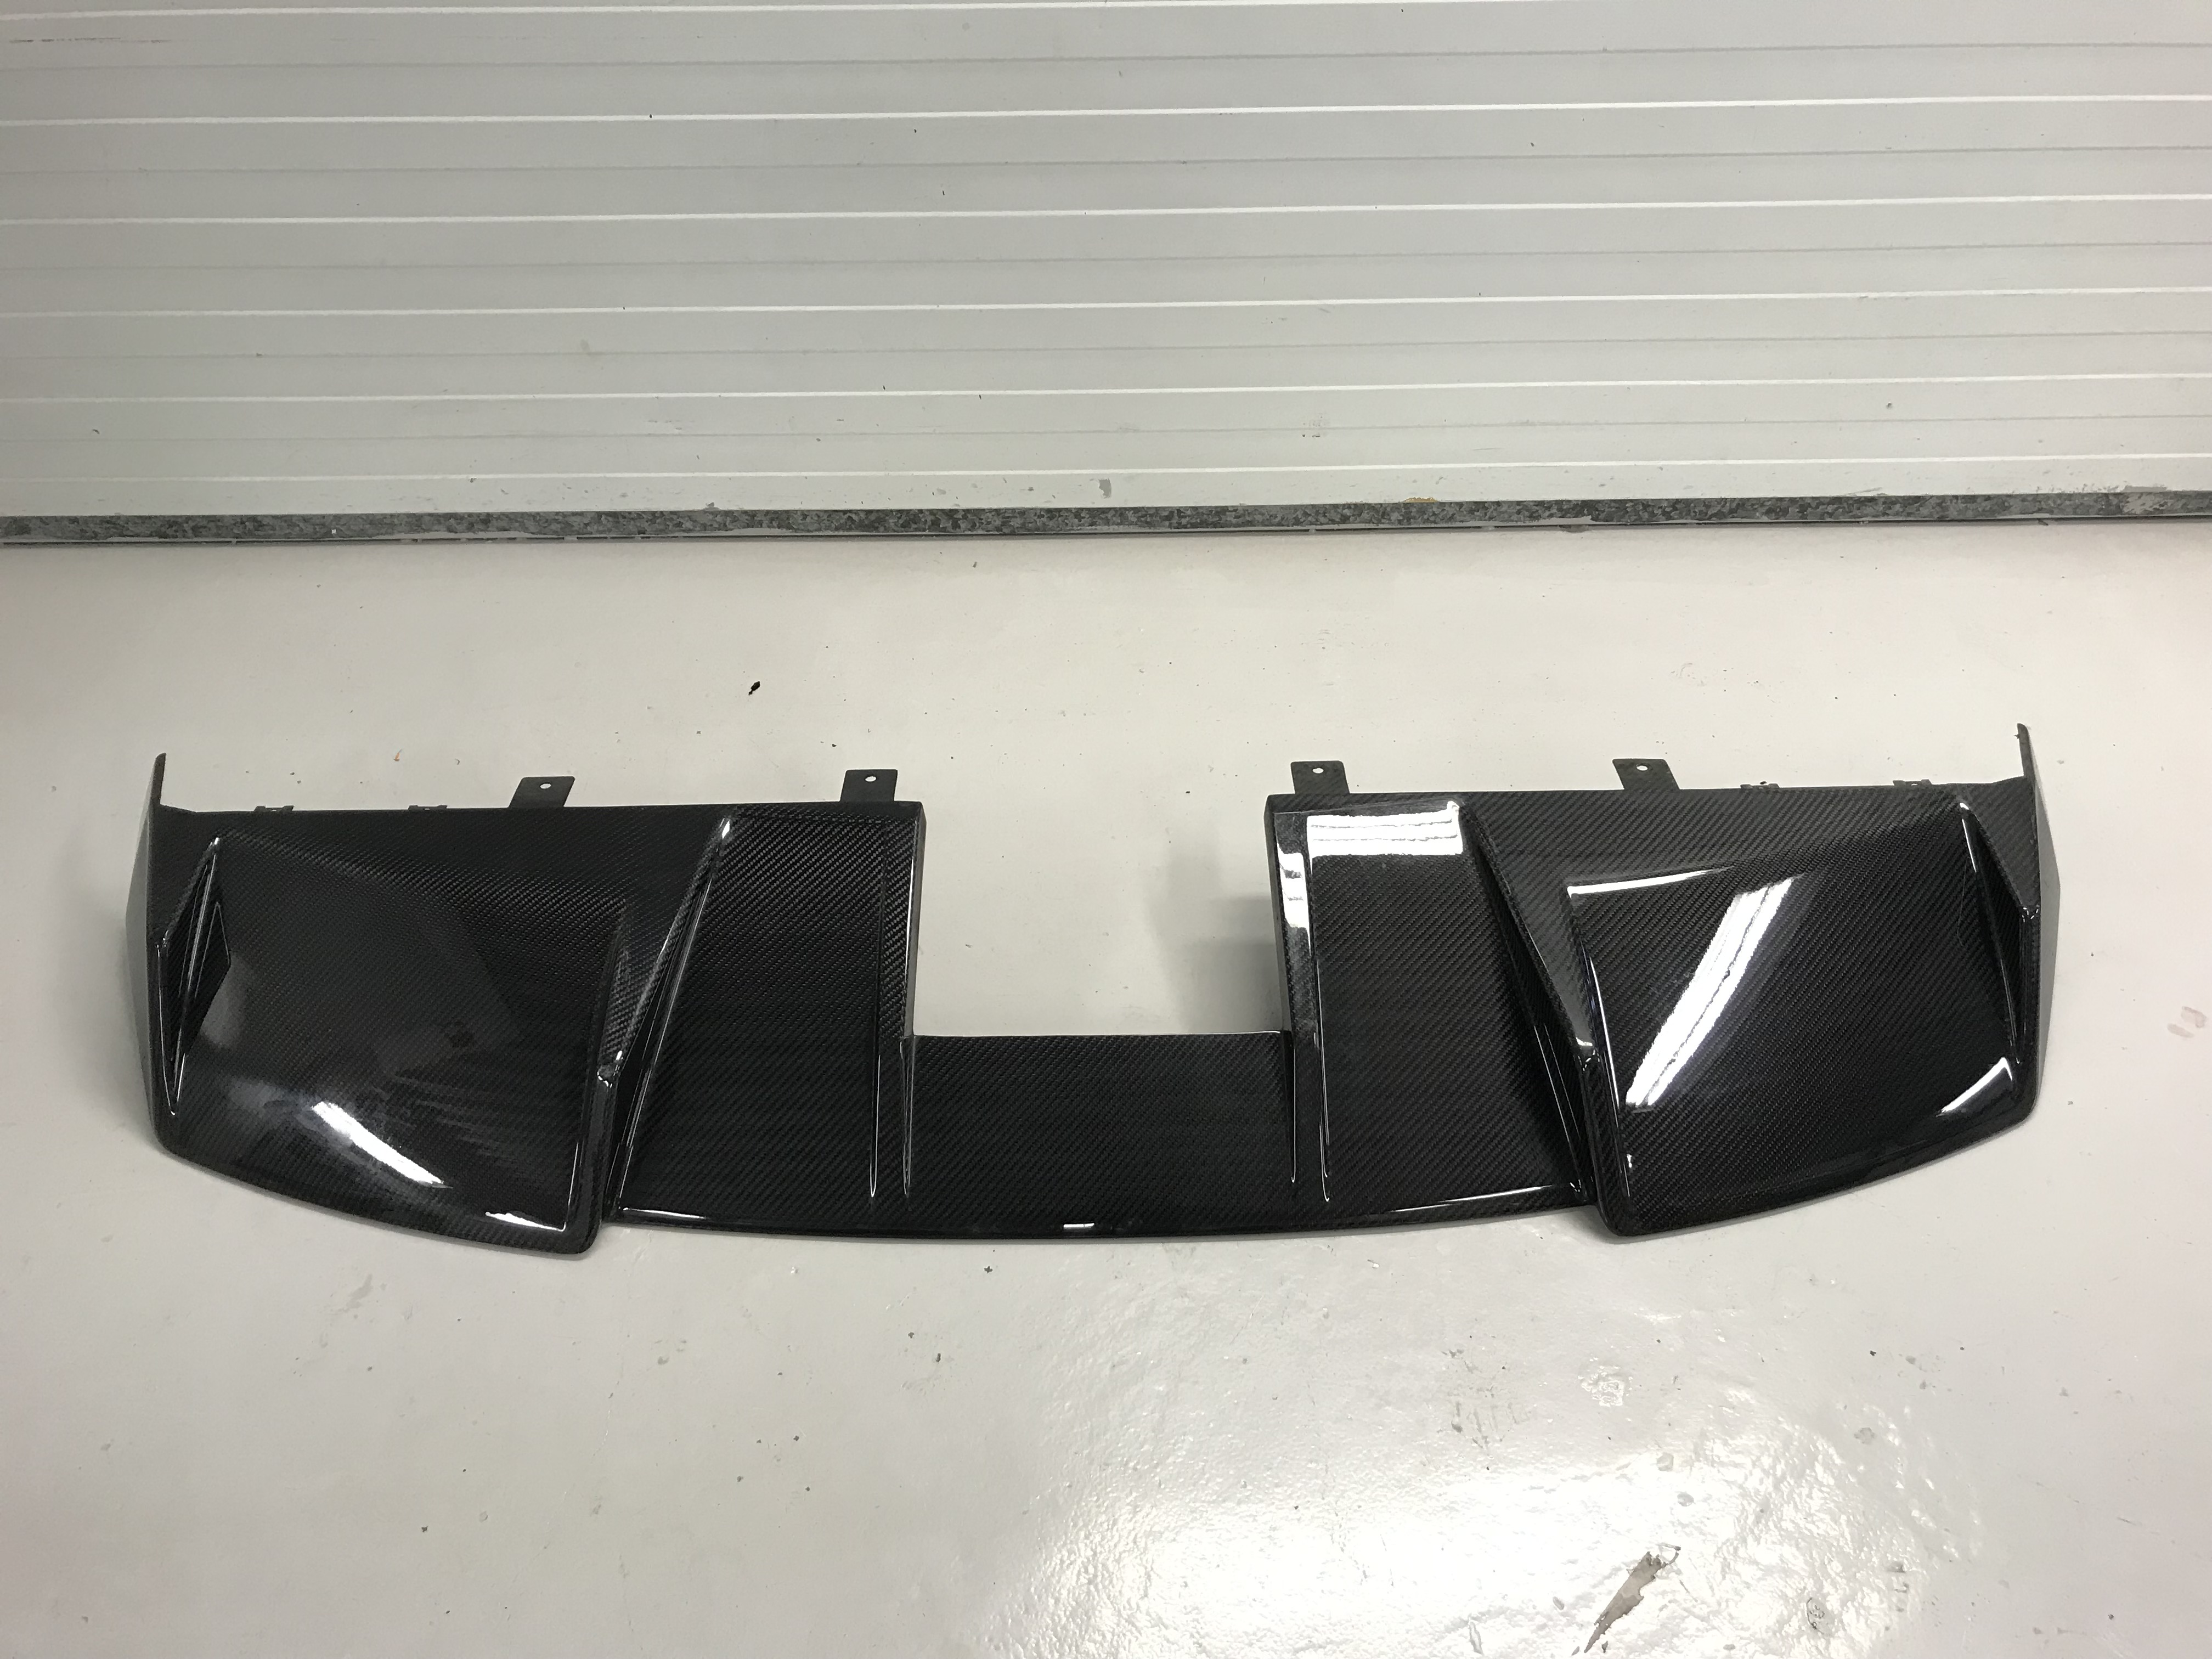 Lamborghini Gallardo Gallardo Superleggera Carbon Fiber Diffusor